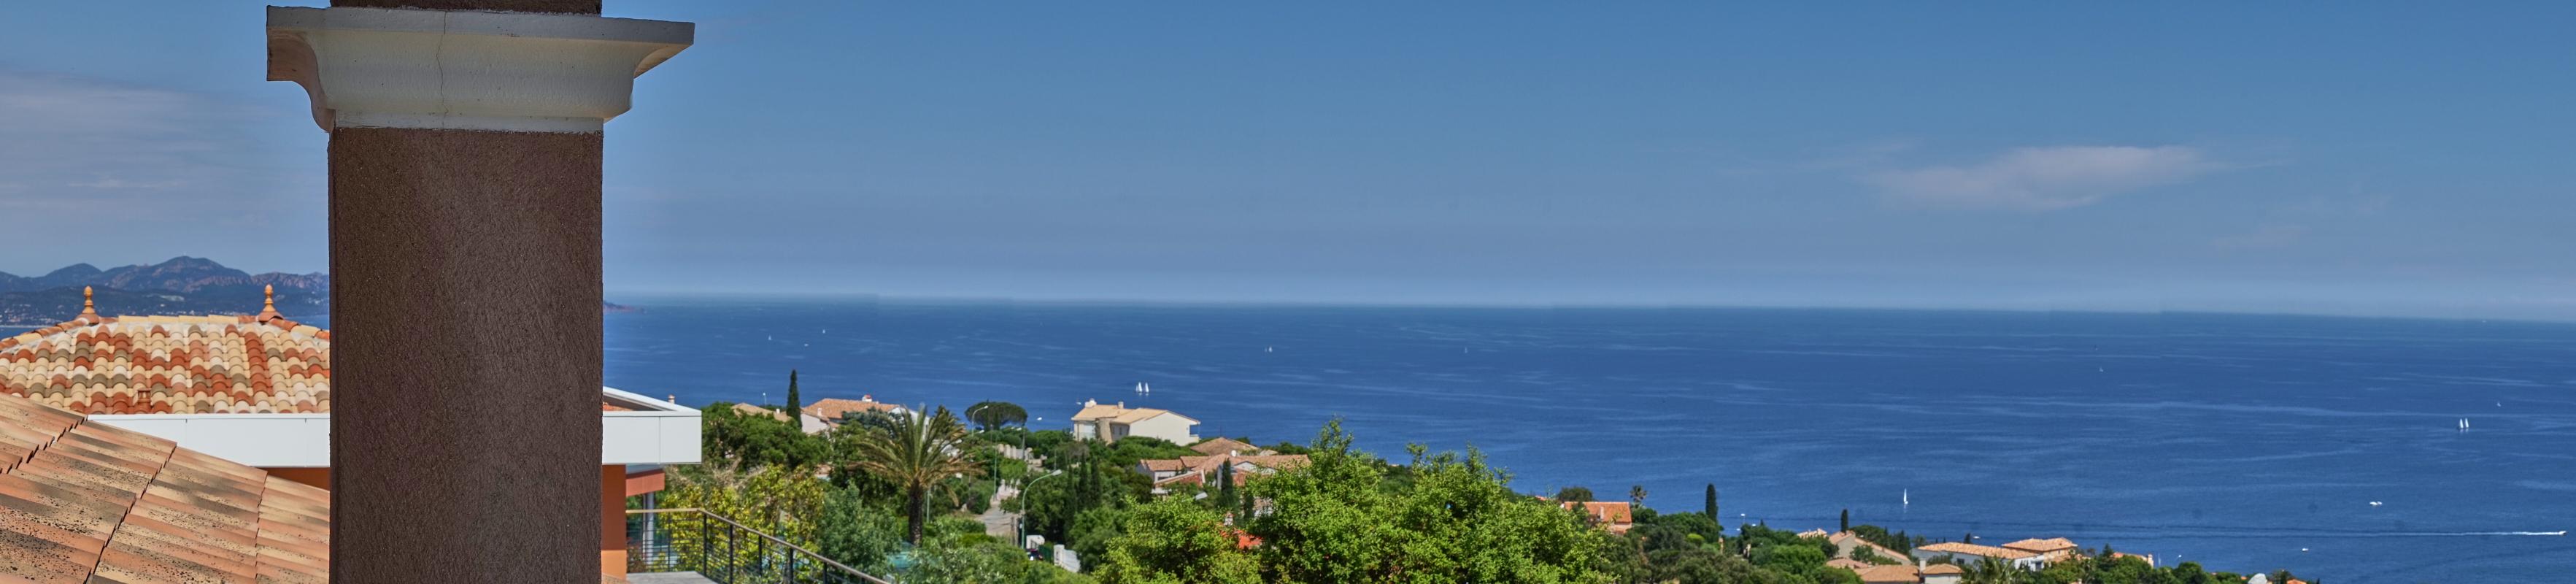 Blick auf den Golf von Frejus in Südfrankreich